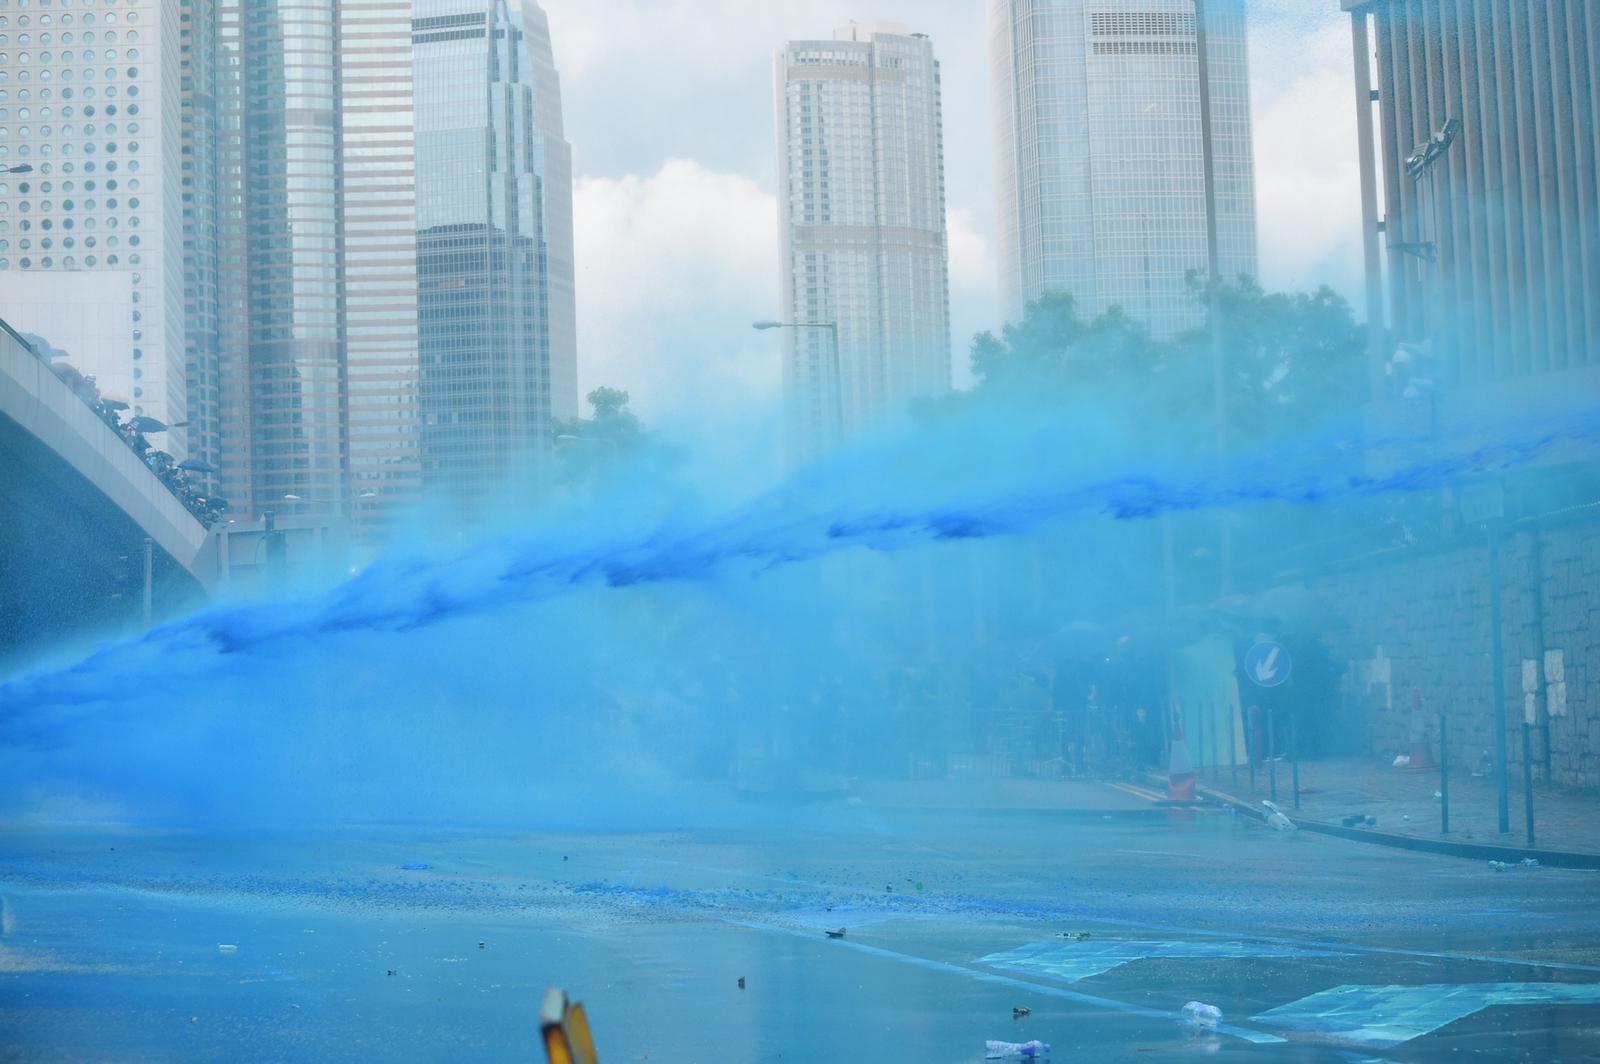 水炮車首次發射藍色水柱。